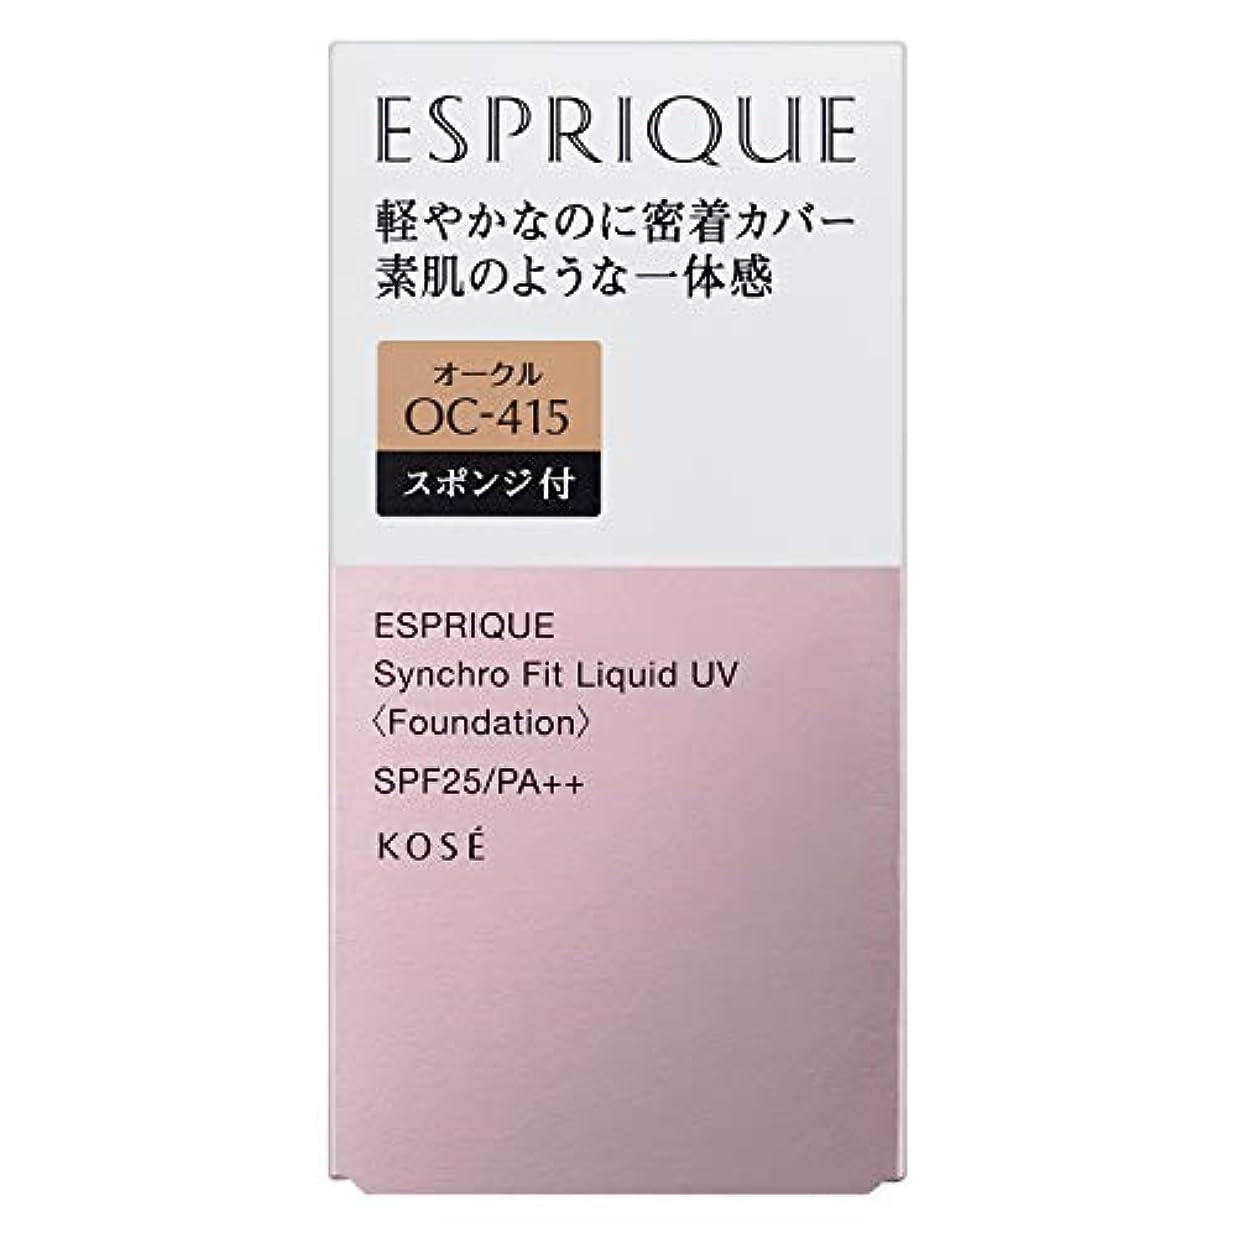 シャー下品思い出させるESPRIQUE(エスプリーク) エスプリーク シンクロフィット リキッド UV ファンデーション 無香料 OC-415 オークル 30g